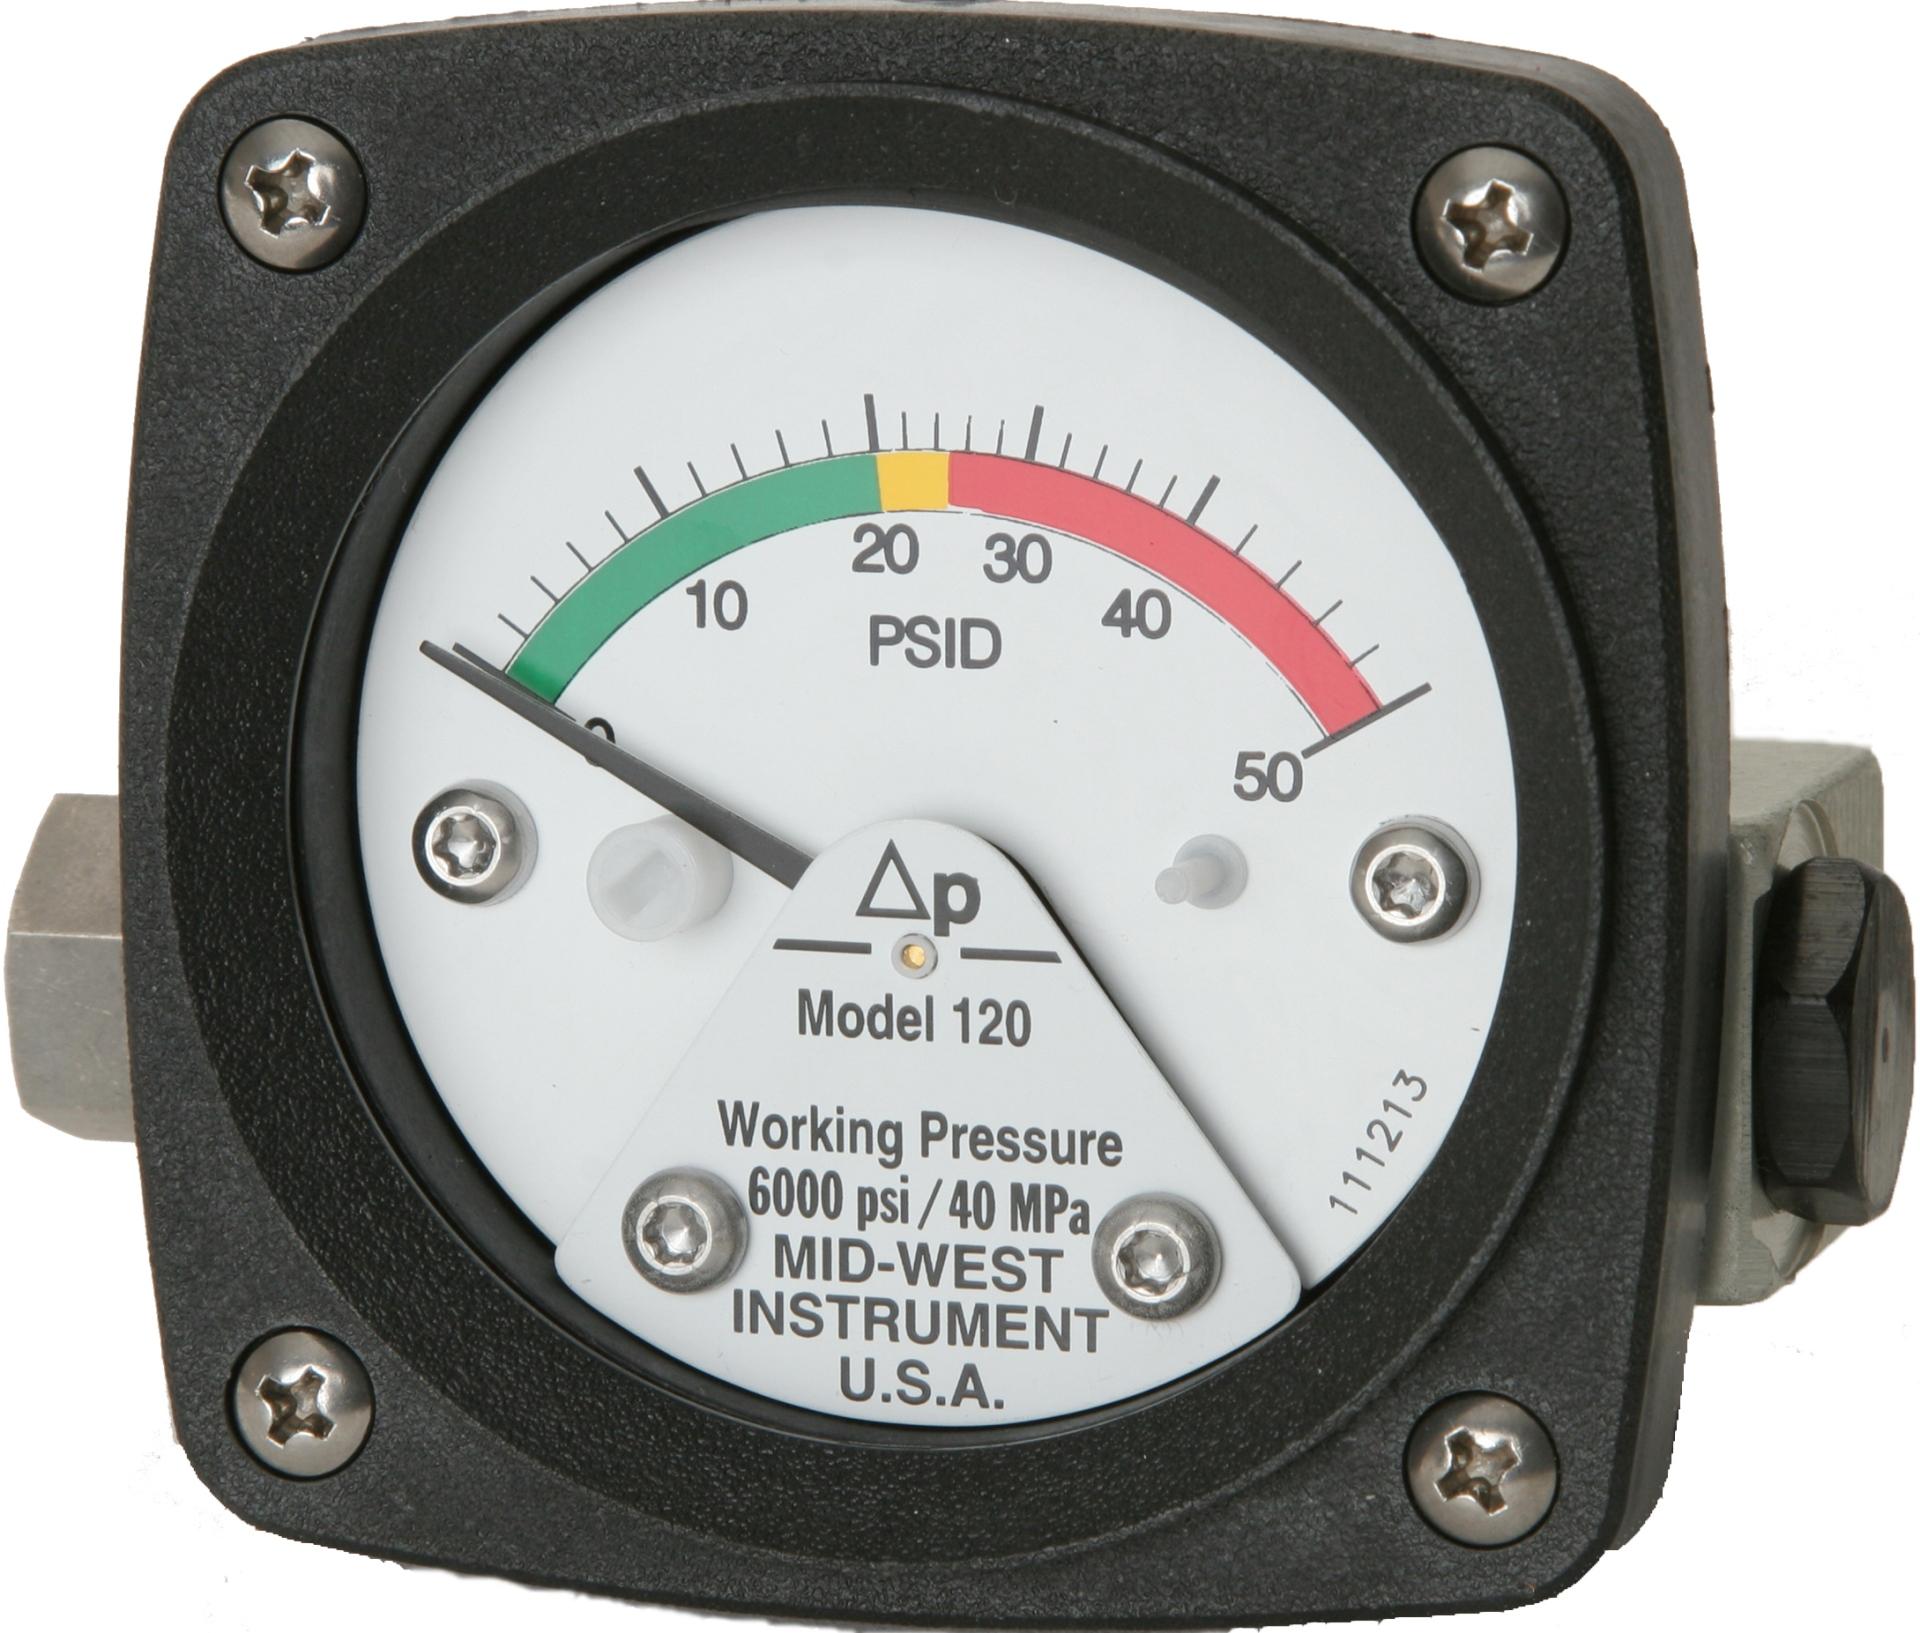 Filtervakt differential pressure DP sensor gauge protector manometer fra Mid-West Model 120